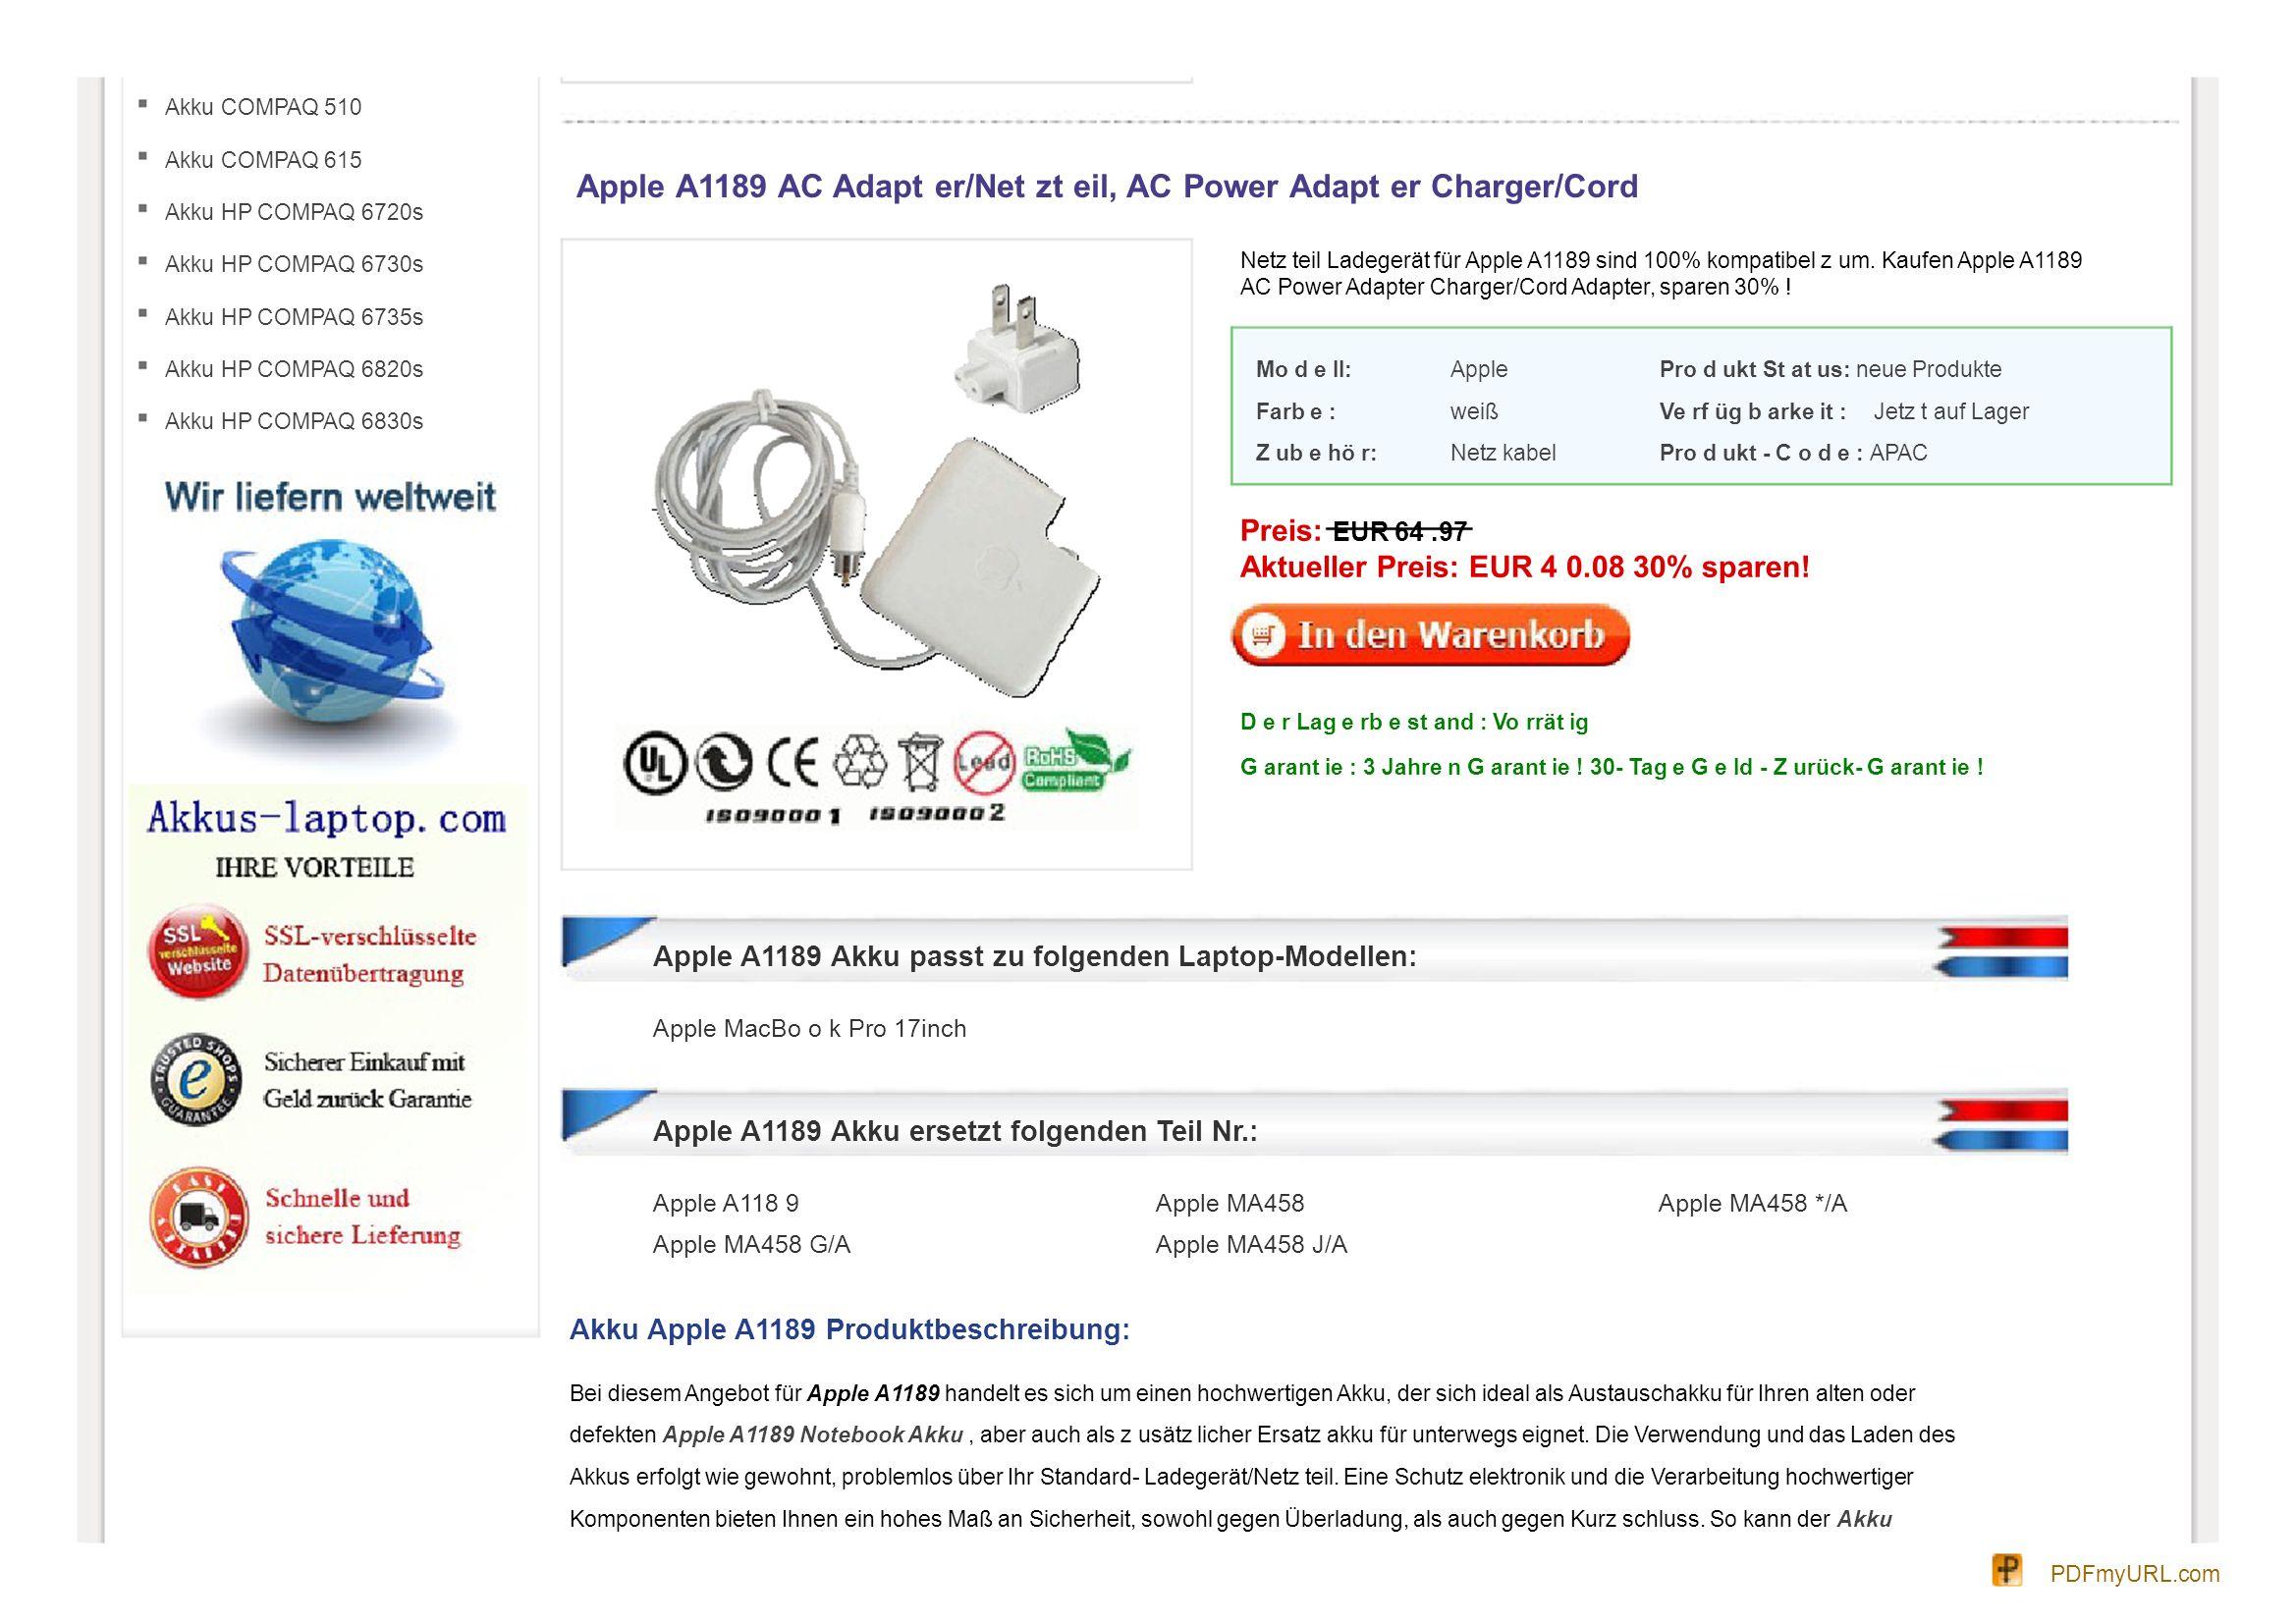 Akku COMPAQ 510 Akku COMPAQ 615 Akku HP COMPAQ 6720s Akku HP COMPAQ 6730s Akku HP COMPAQ 6735s Akku HP COMPAQ 6820s Akku HP COMPAQ 6830s Apple A1189 AC Adapt er/Net zt eil, AC Power Adapt er Charger/Cord Netz teil Ladegerät für Apple A1189 sind 100% kompatibel z um.